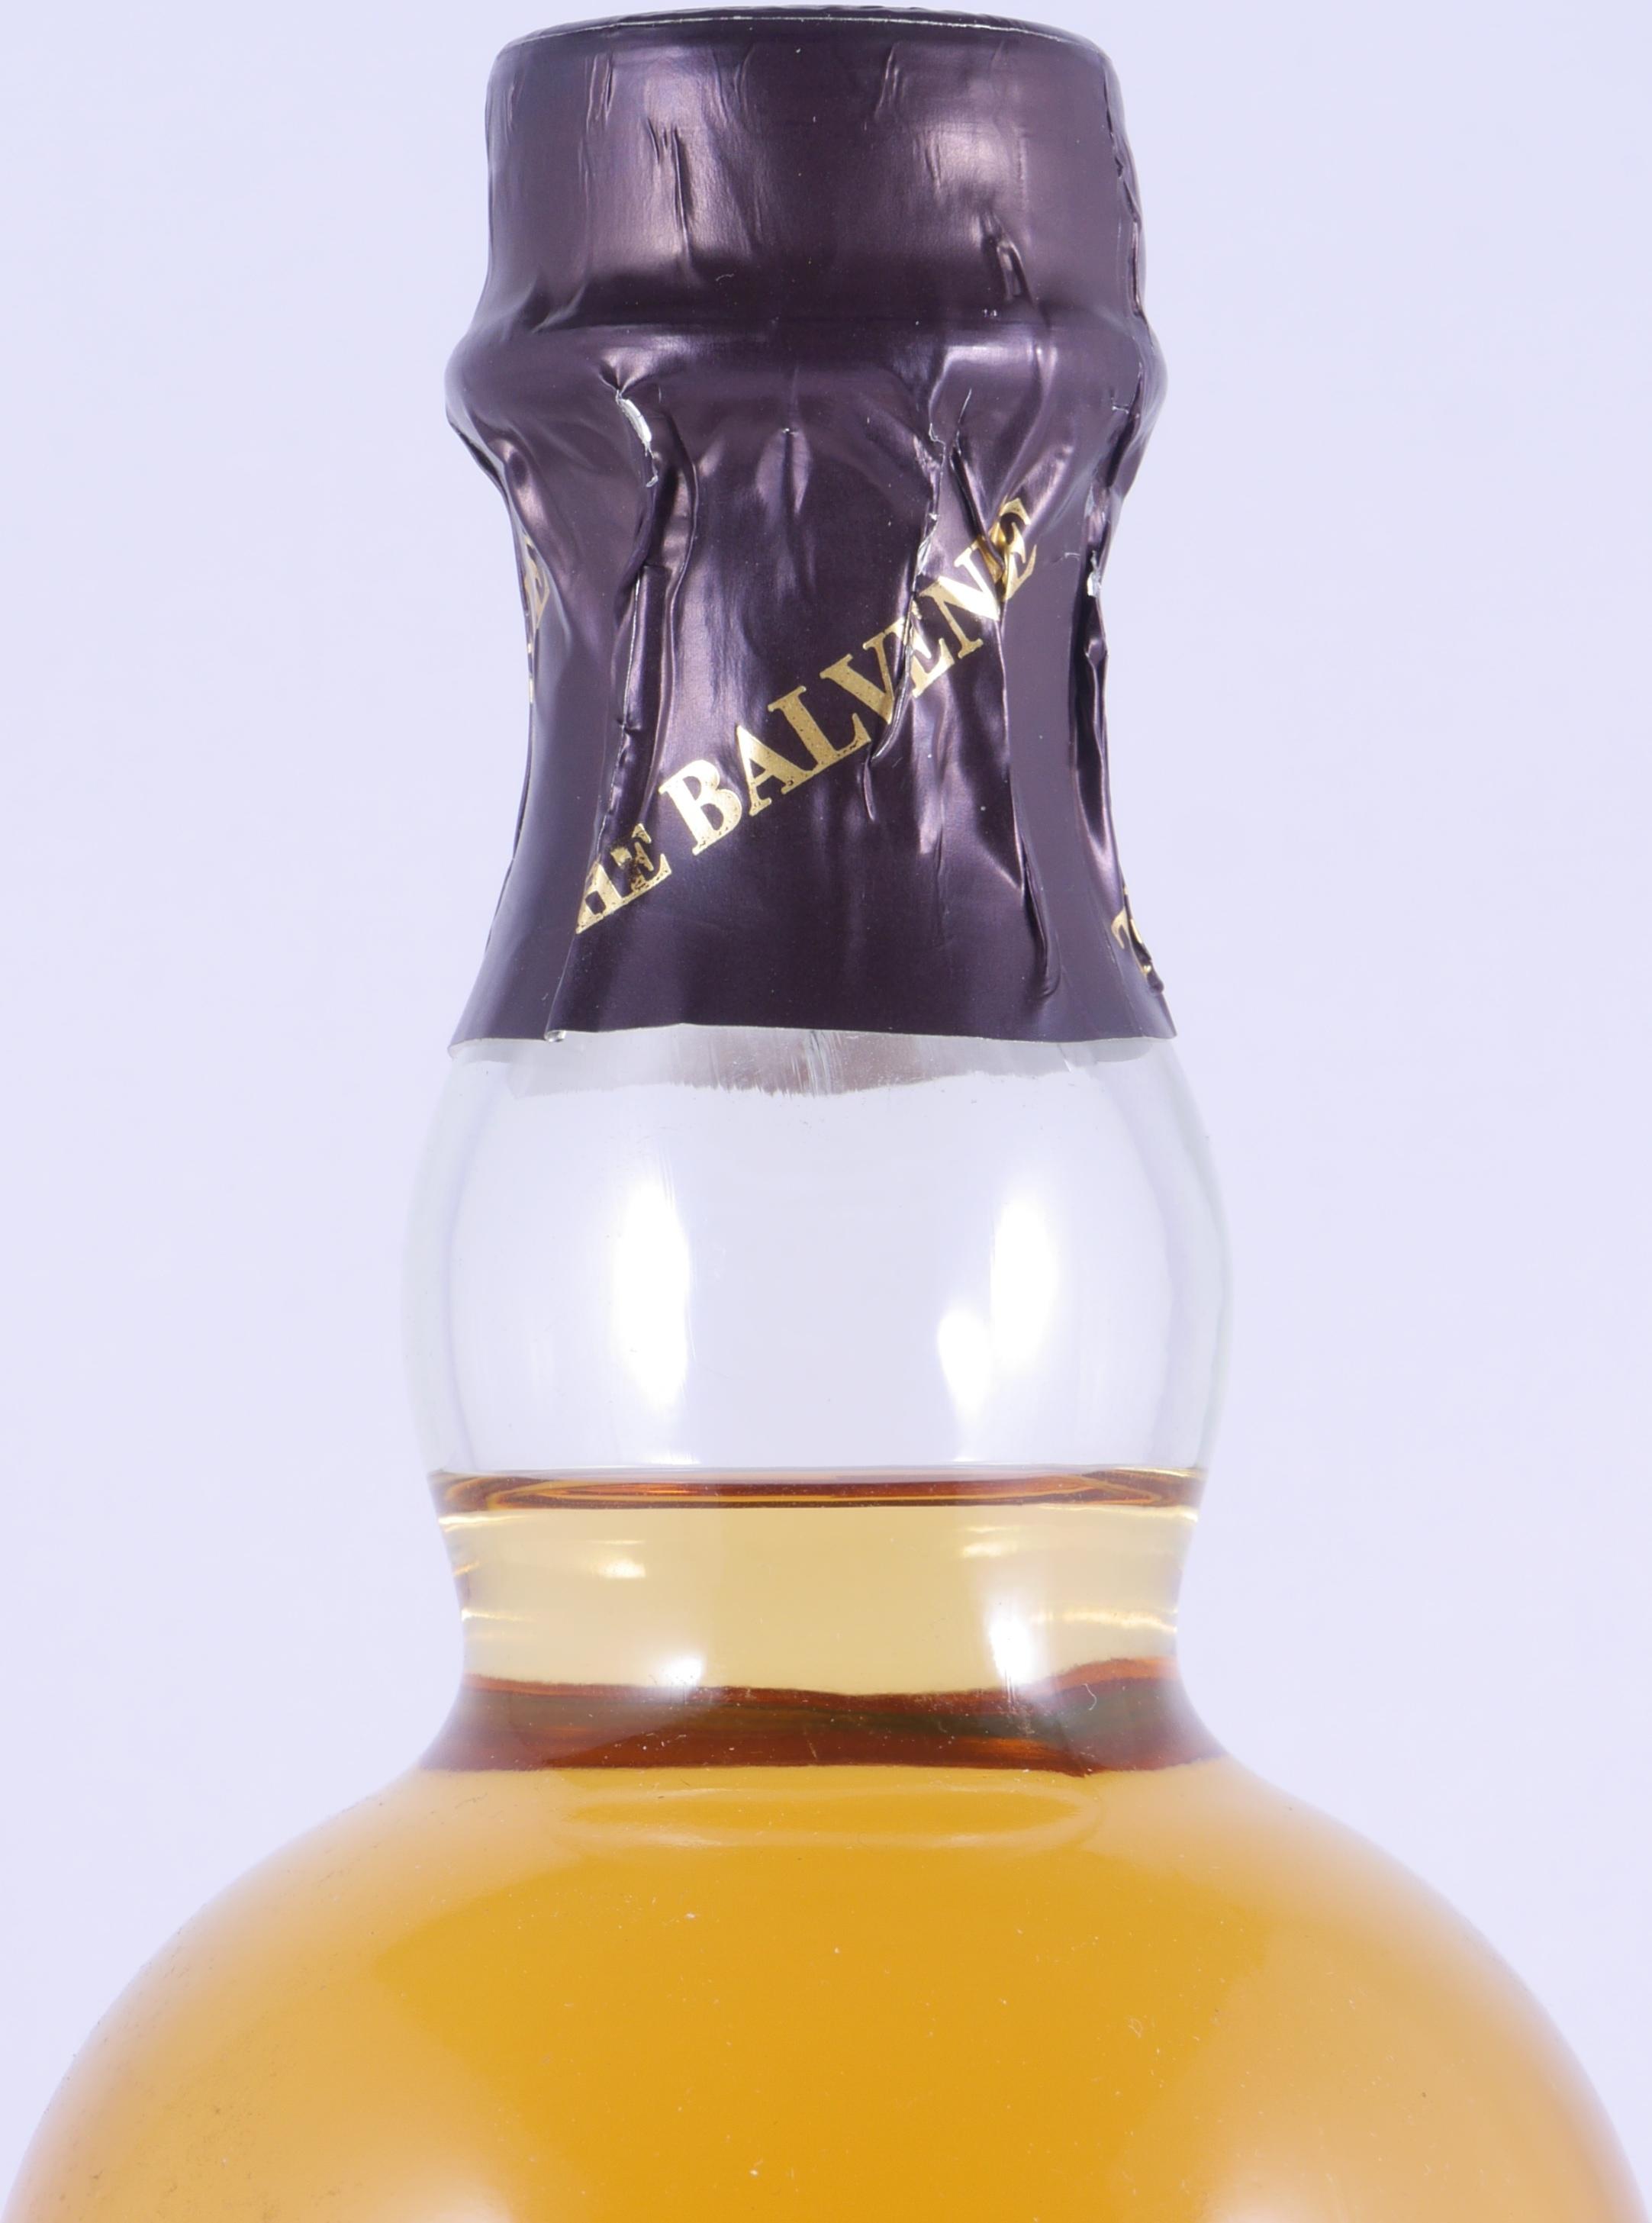 Bottles from Balvenie